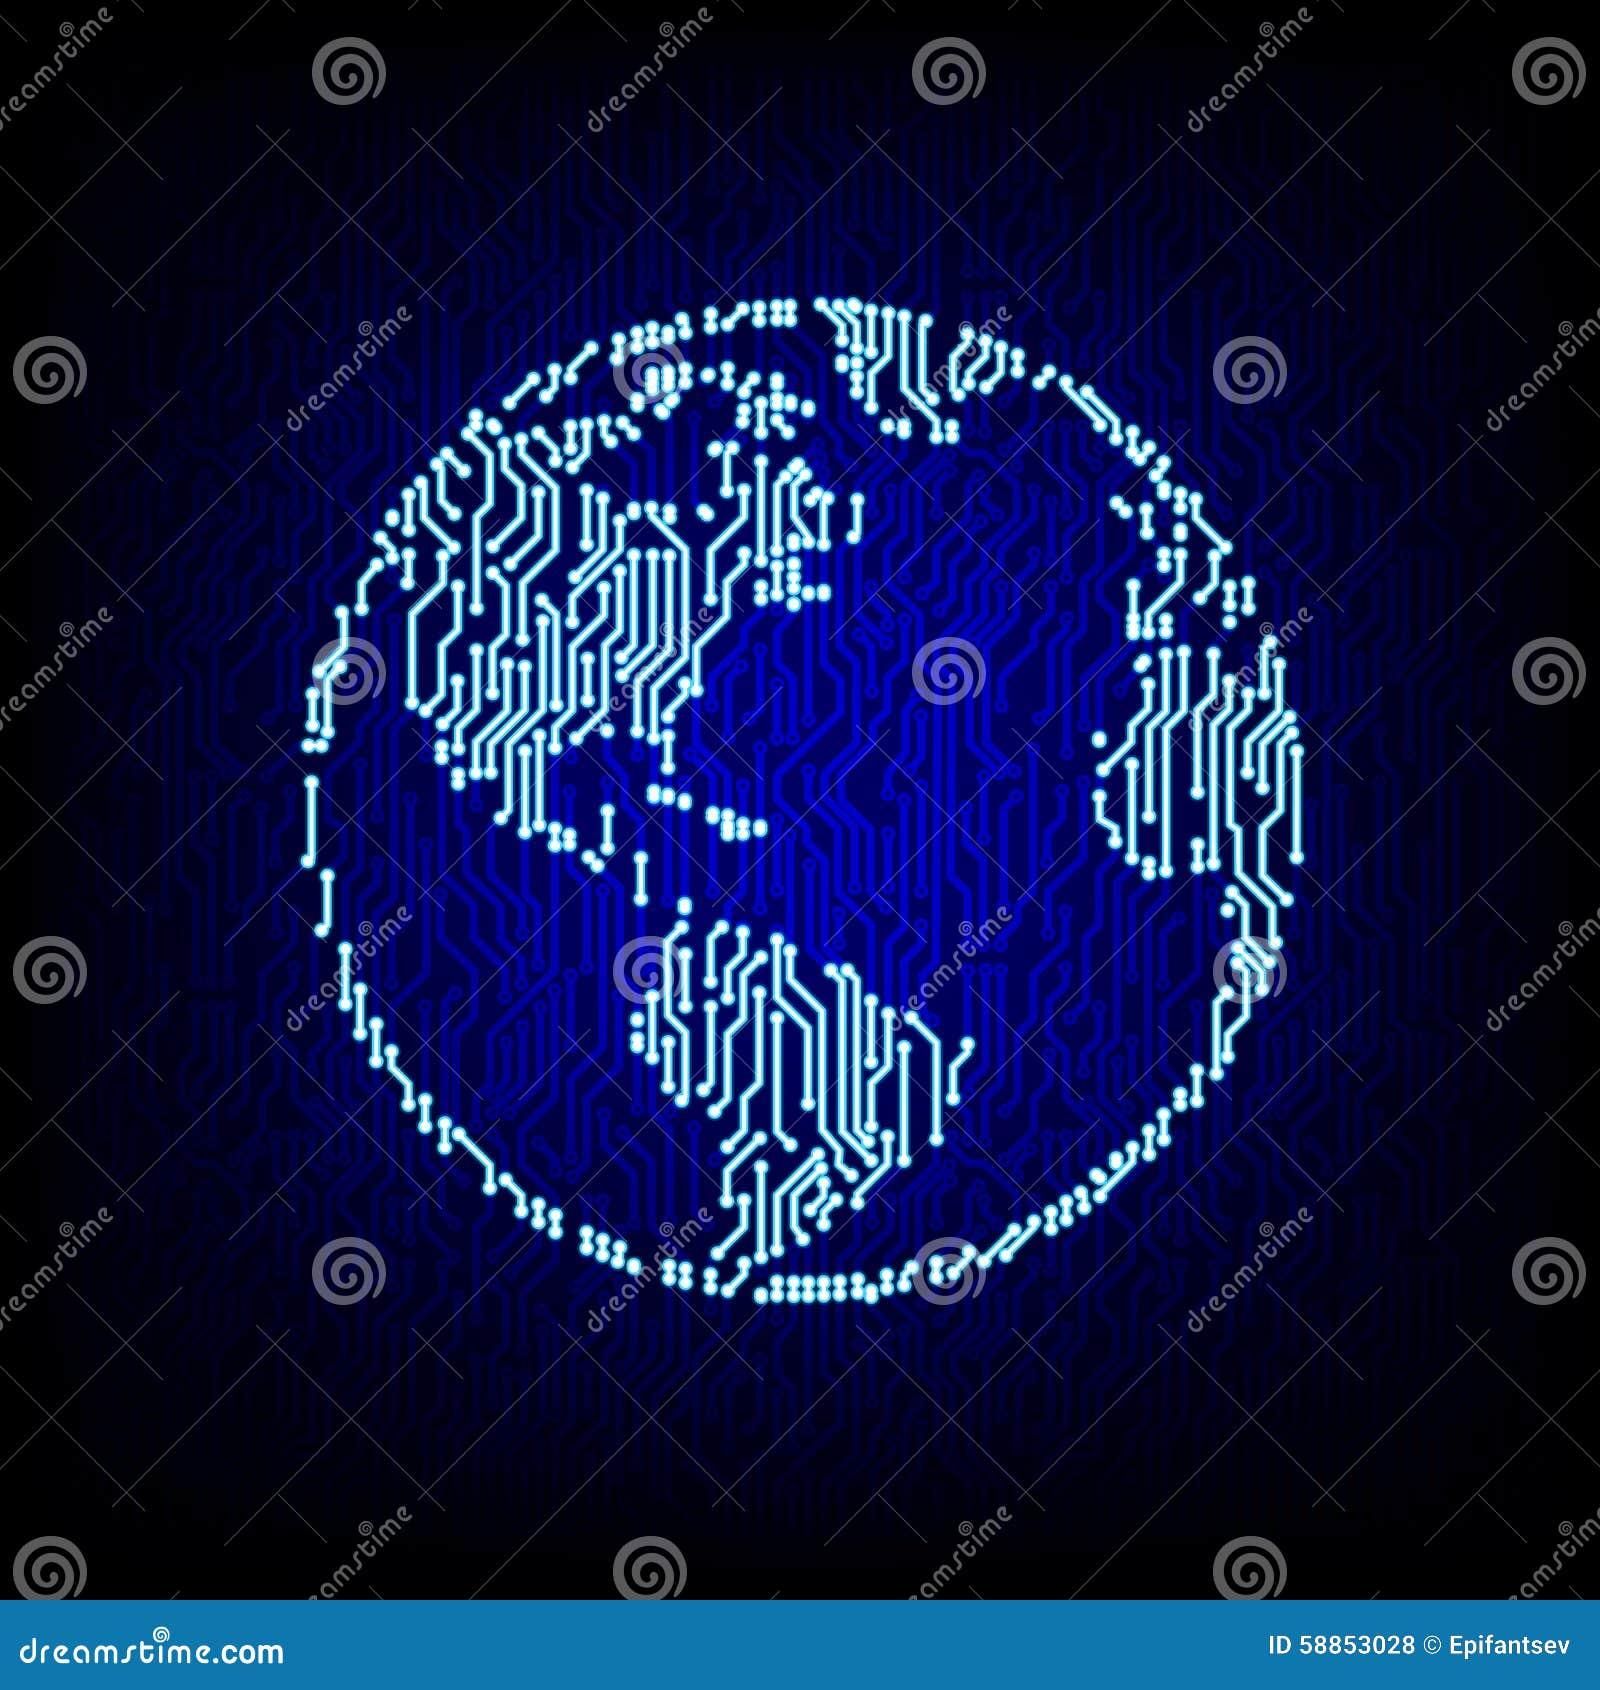 Global networki...